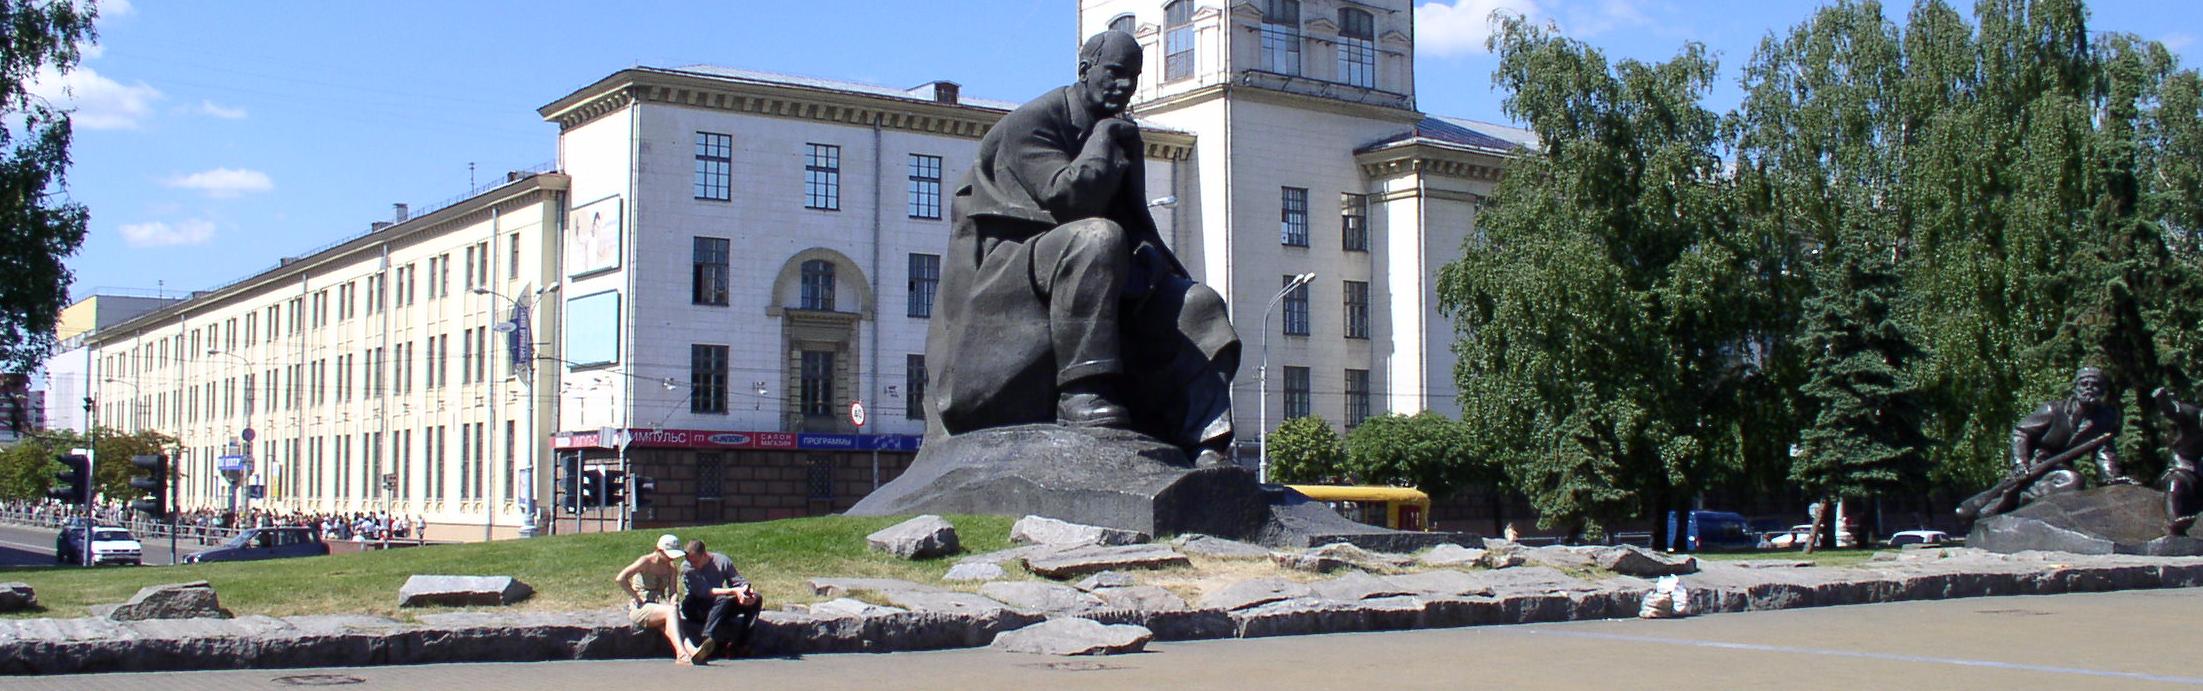 Памятник Якубу Коласу